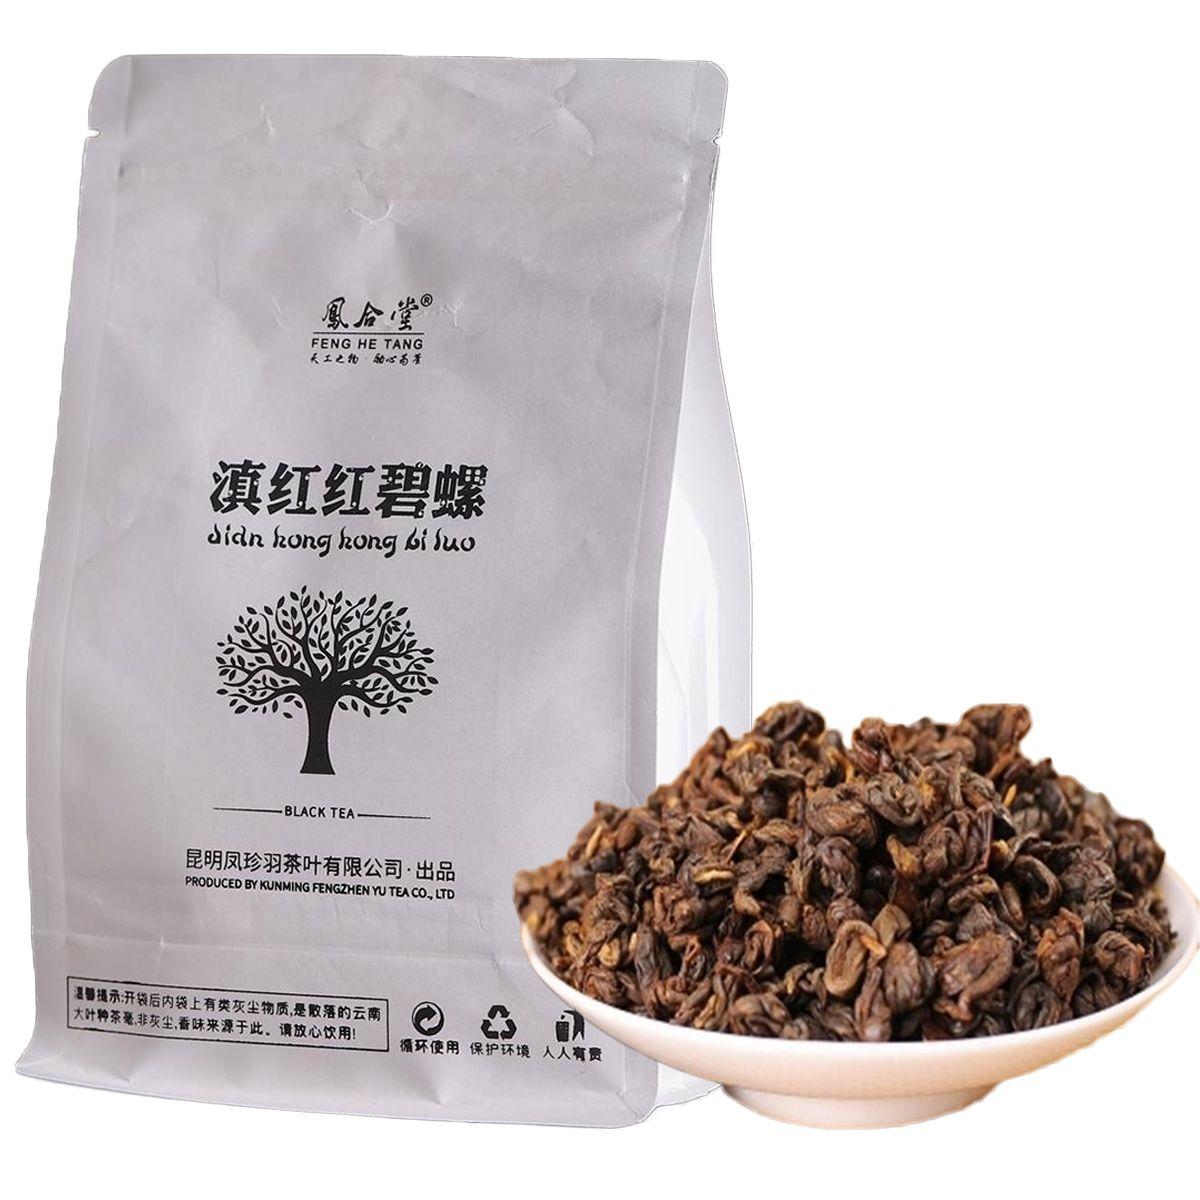 500g maturo pu er tea yunnan fengqing dianhong pu er tè organico pu'er più antico albero cotto puer naturale nero puerh tè in massa